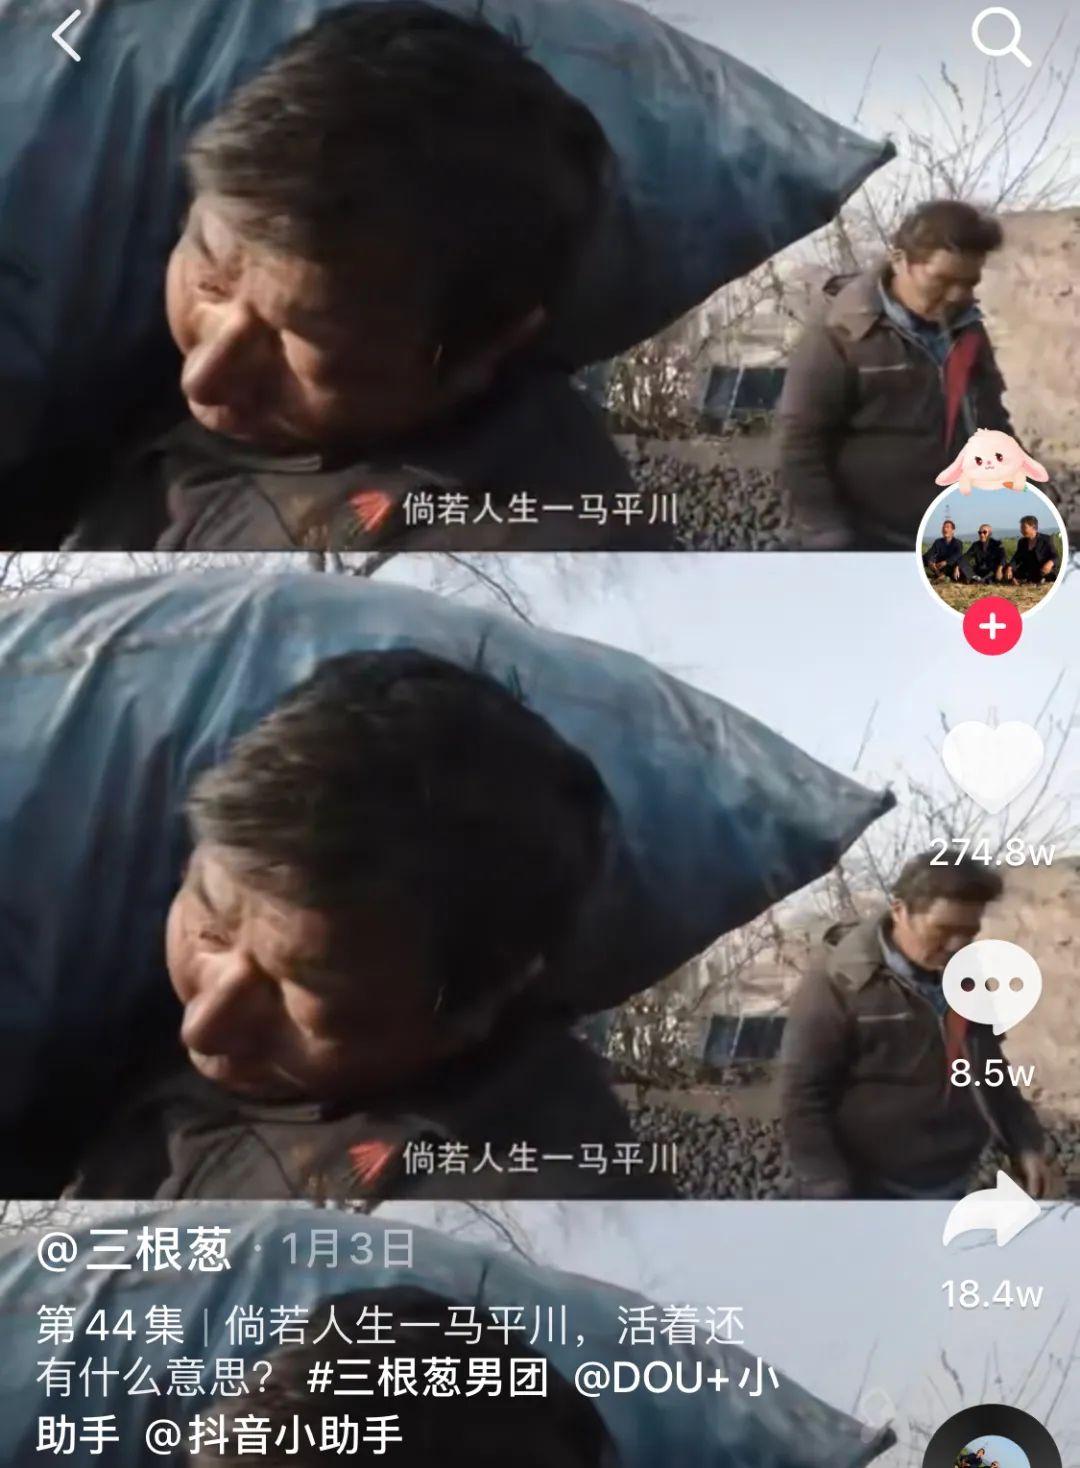 @川味盐太婆双月增粉超500W,银发网红的玩法越来越多?